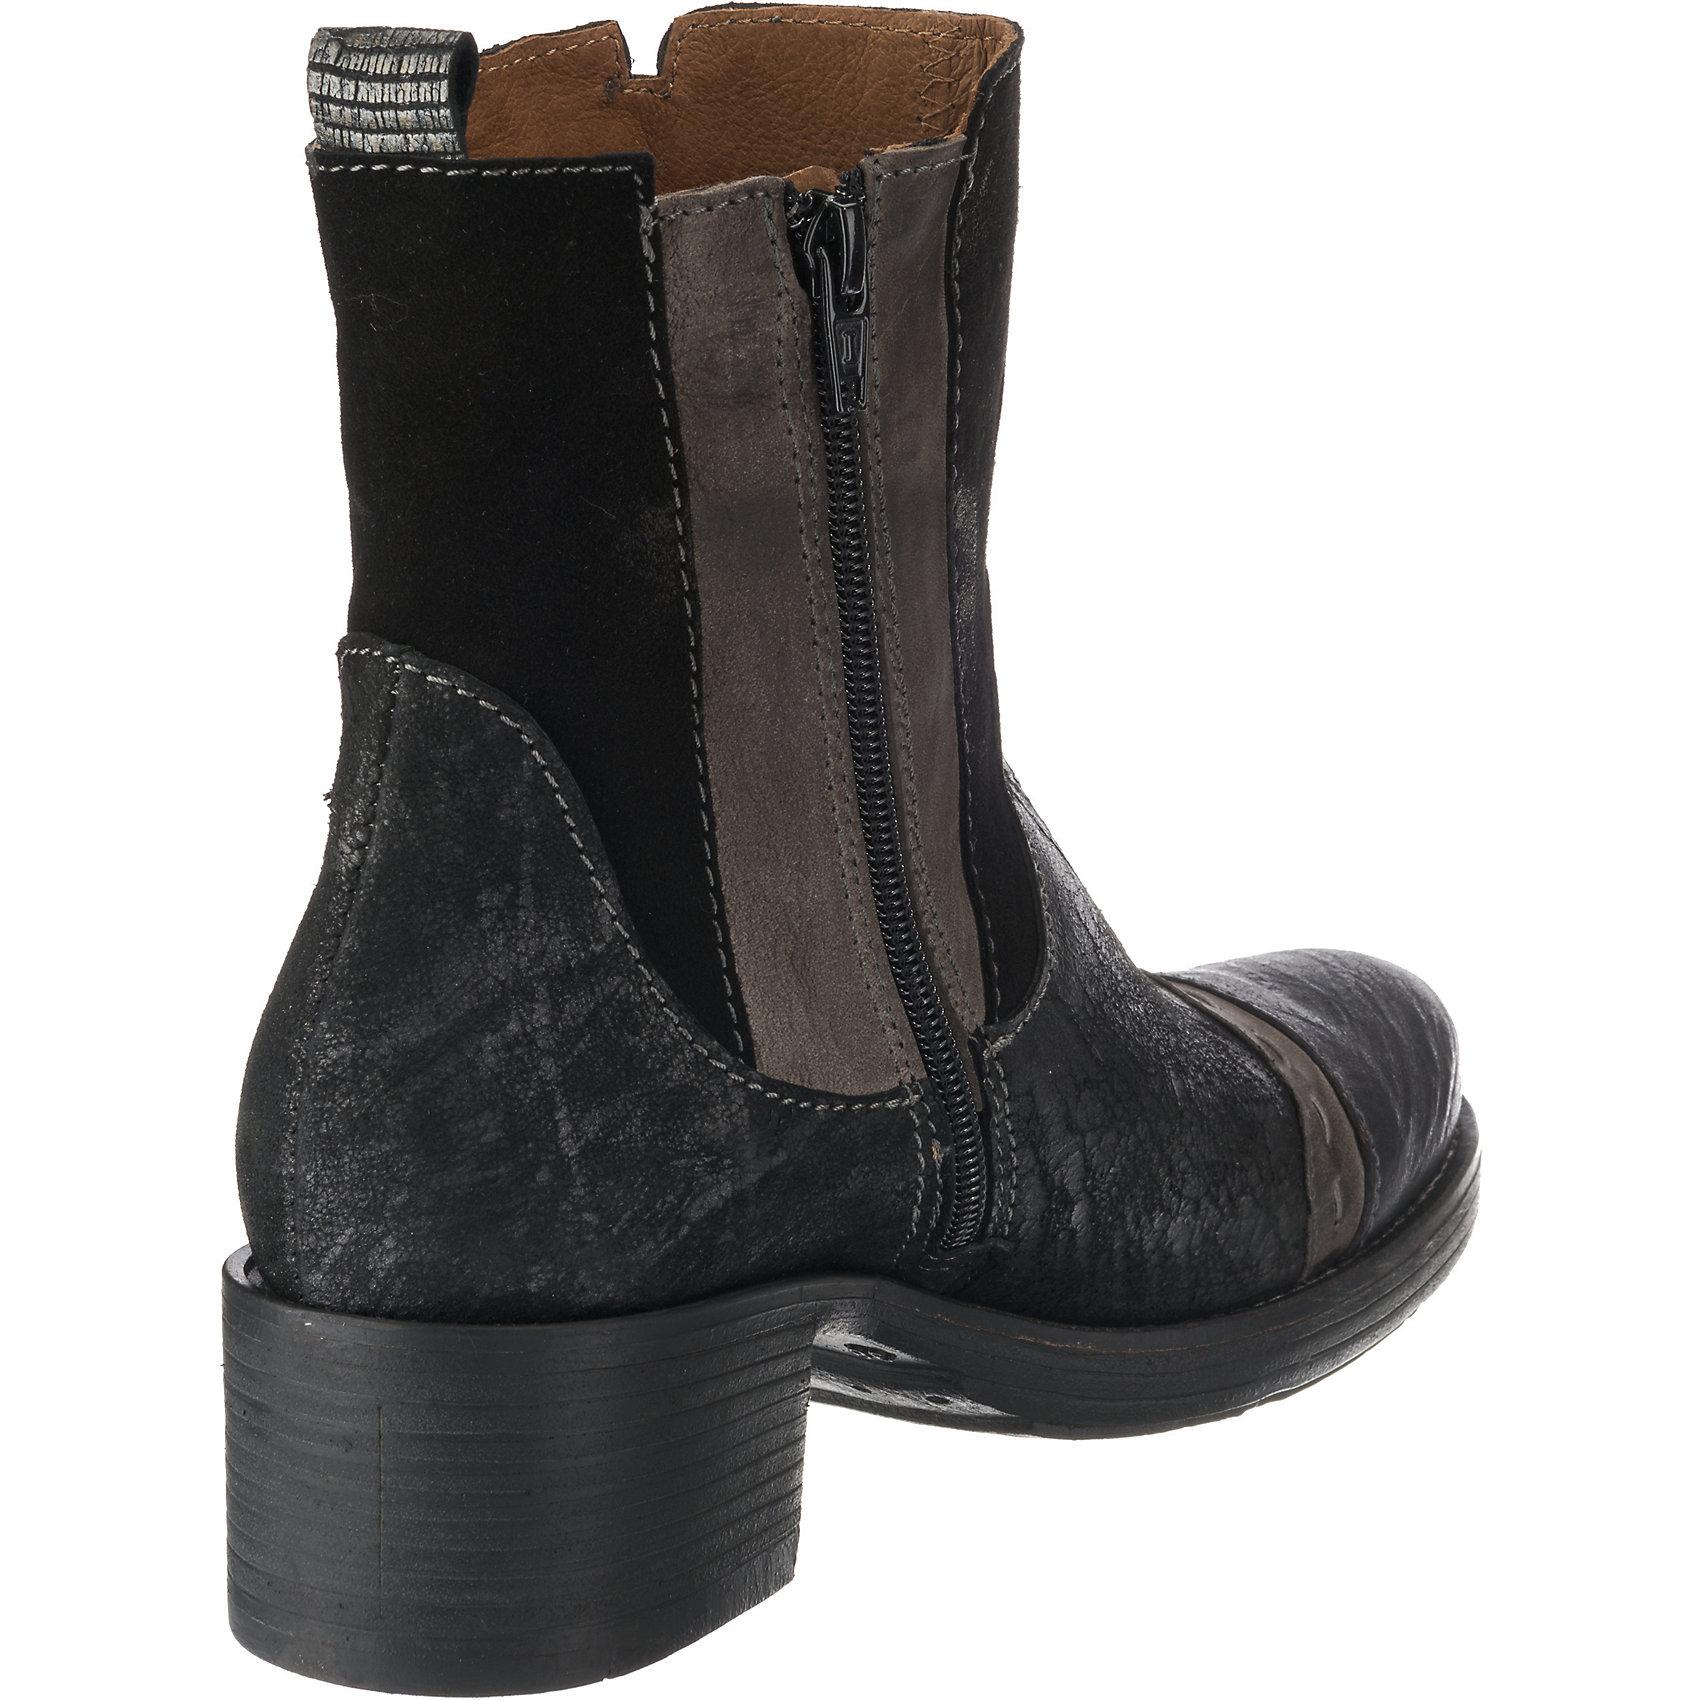 Neu Charme Klassische Klassische Charme Stiefeletten 8821868 für Damen schwarz braun 7f8027